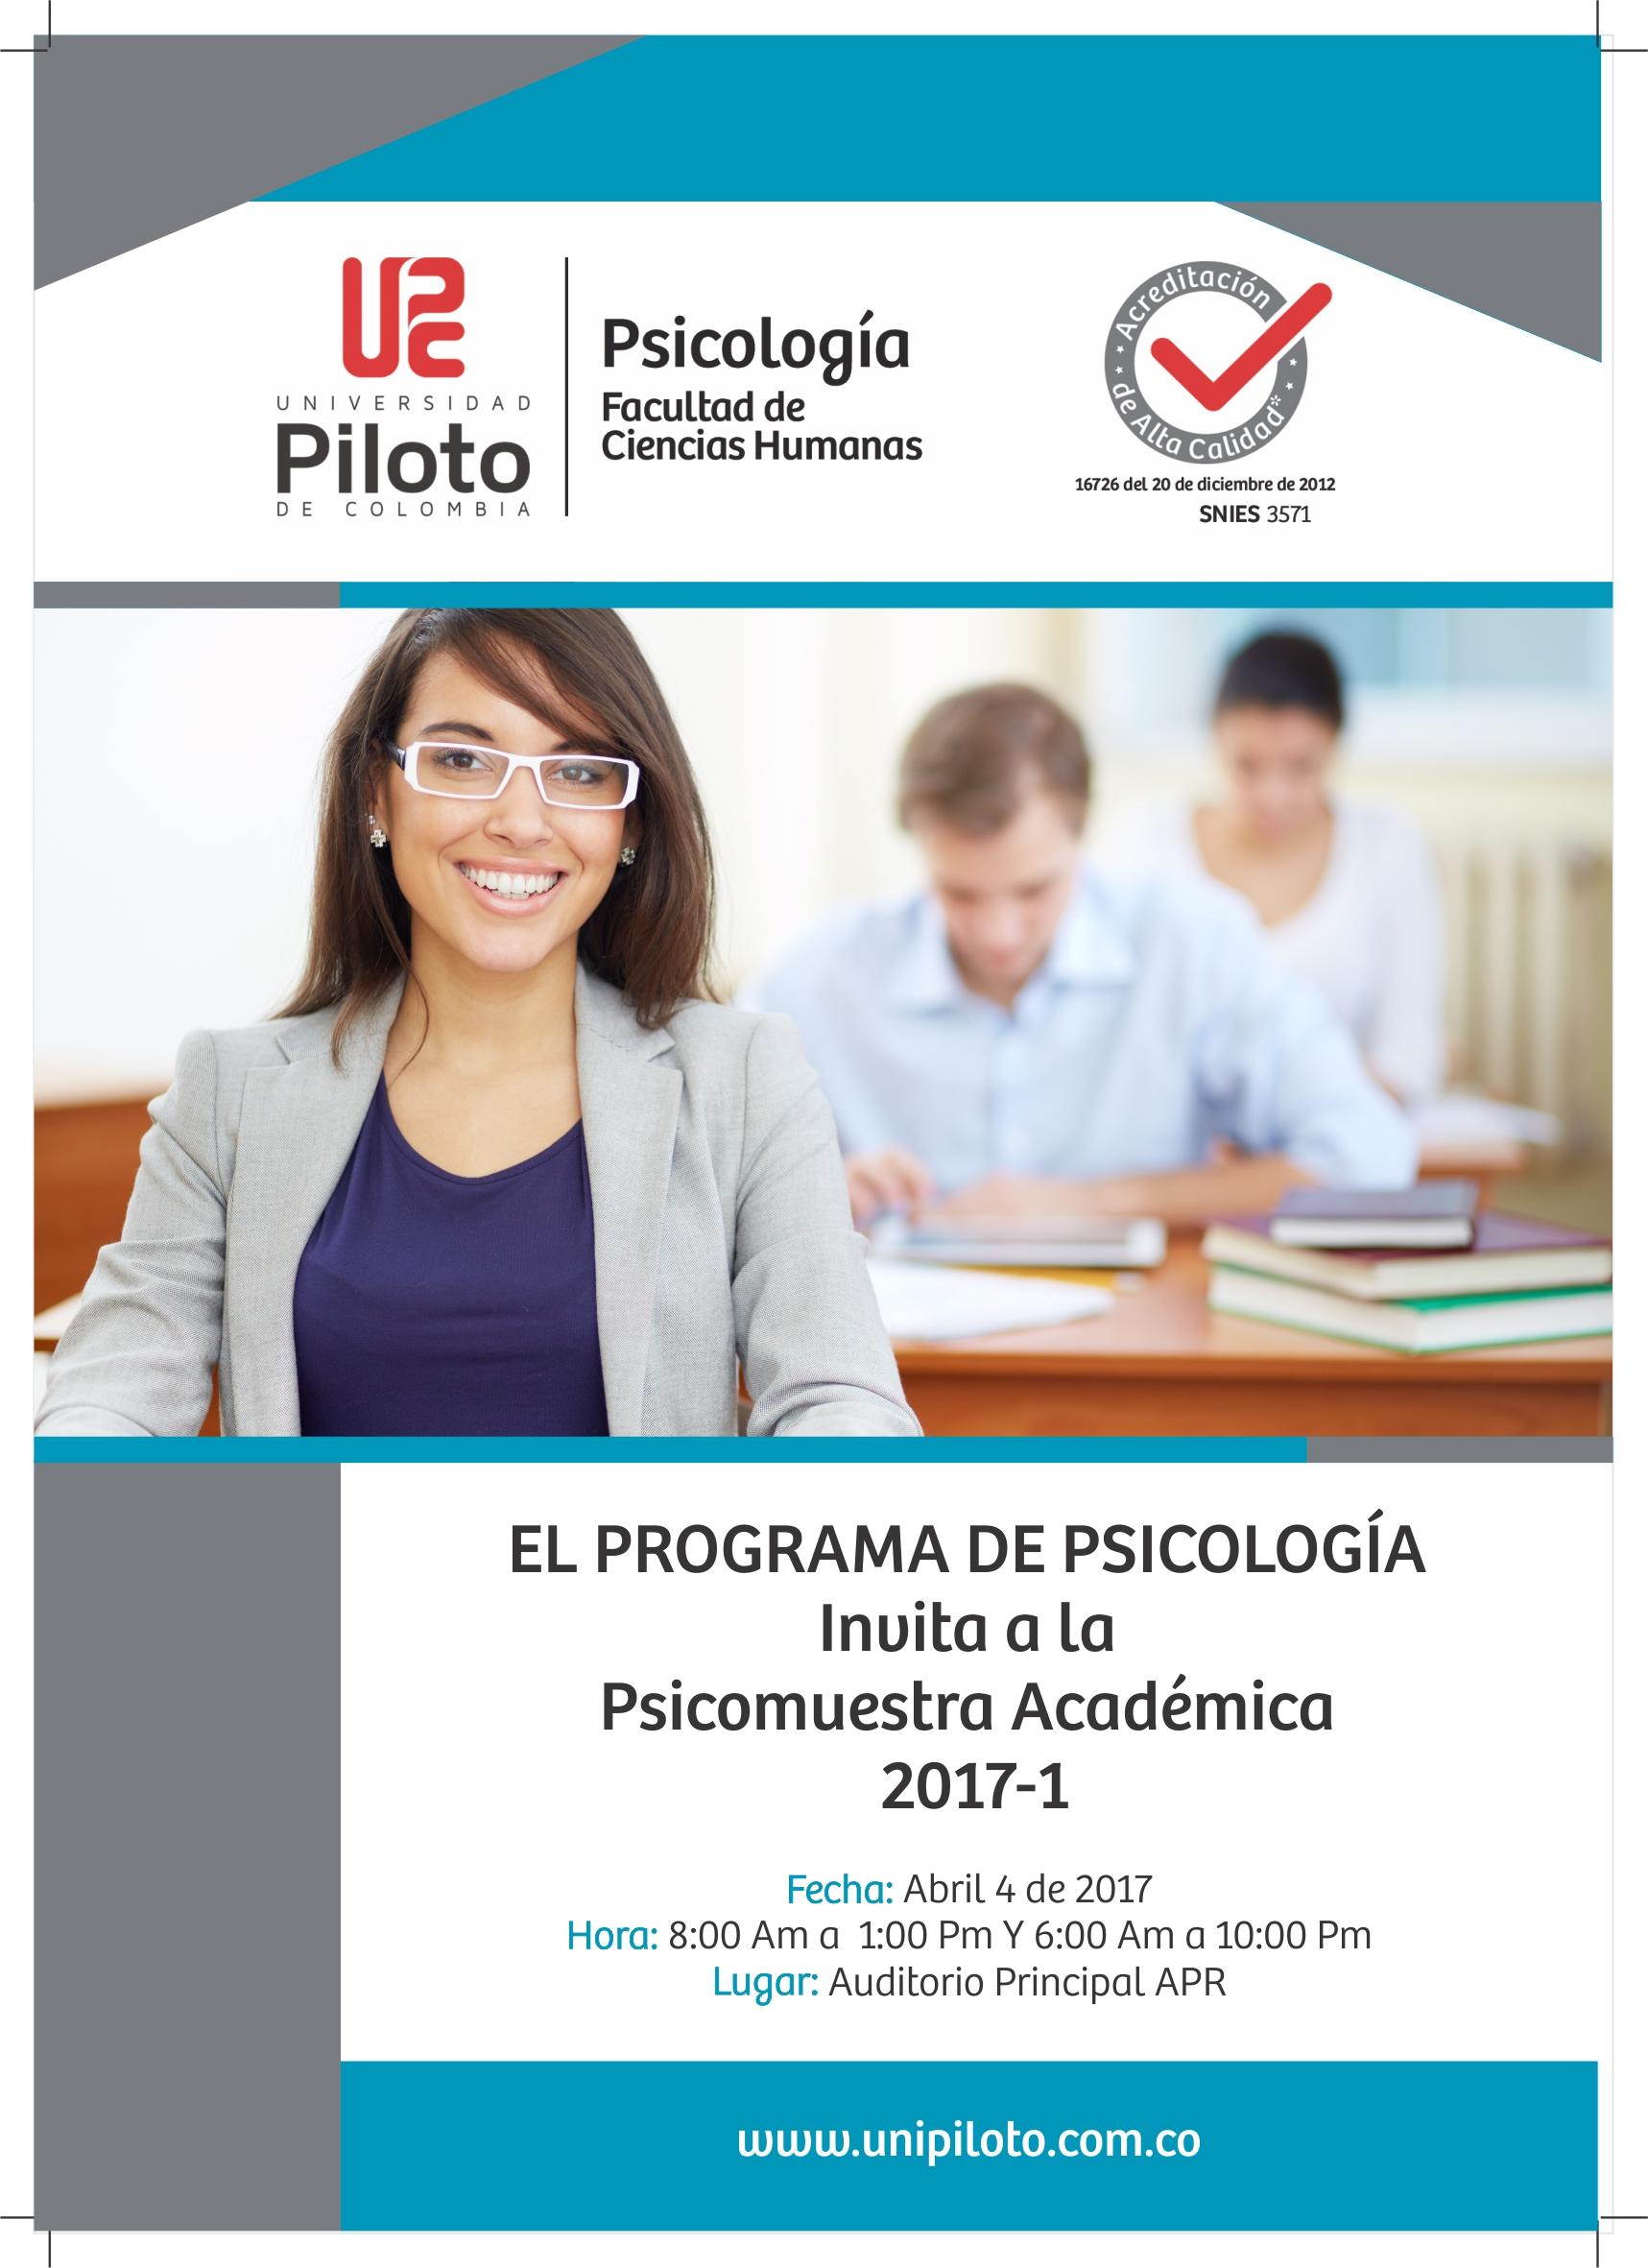 poster psicologia